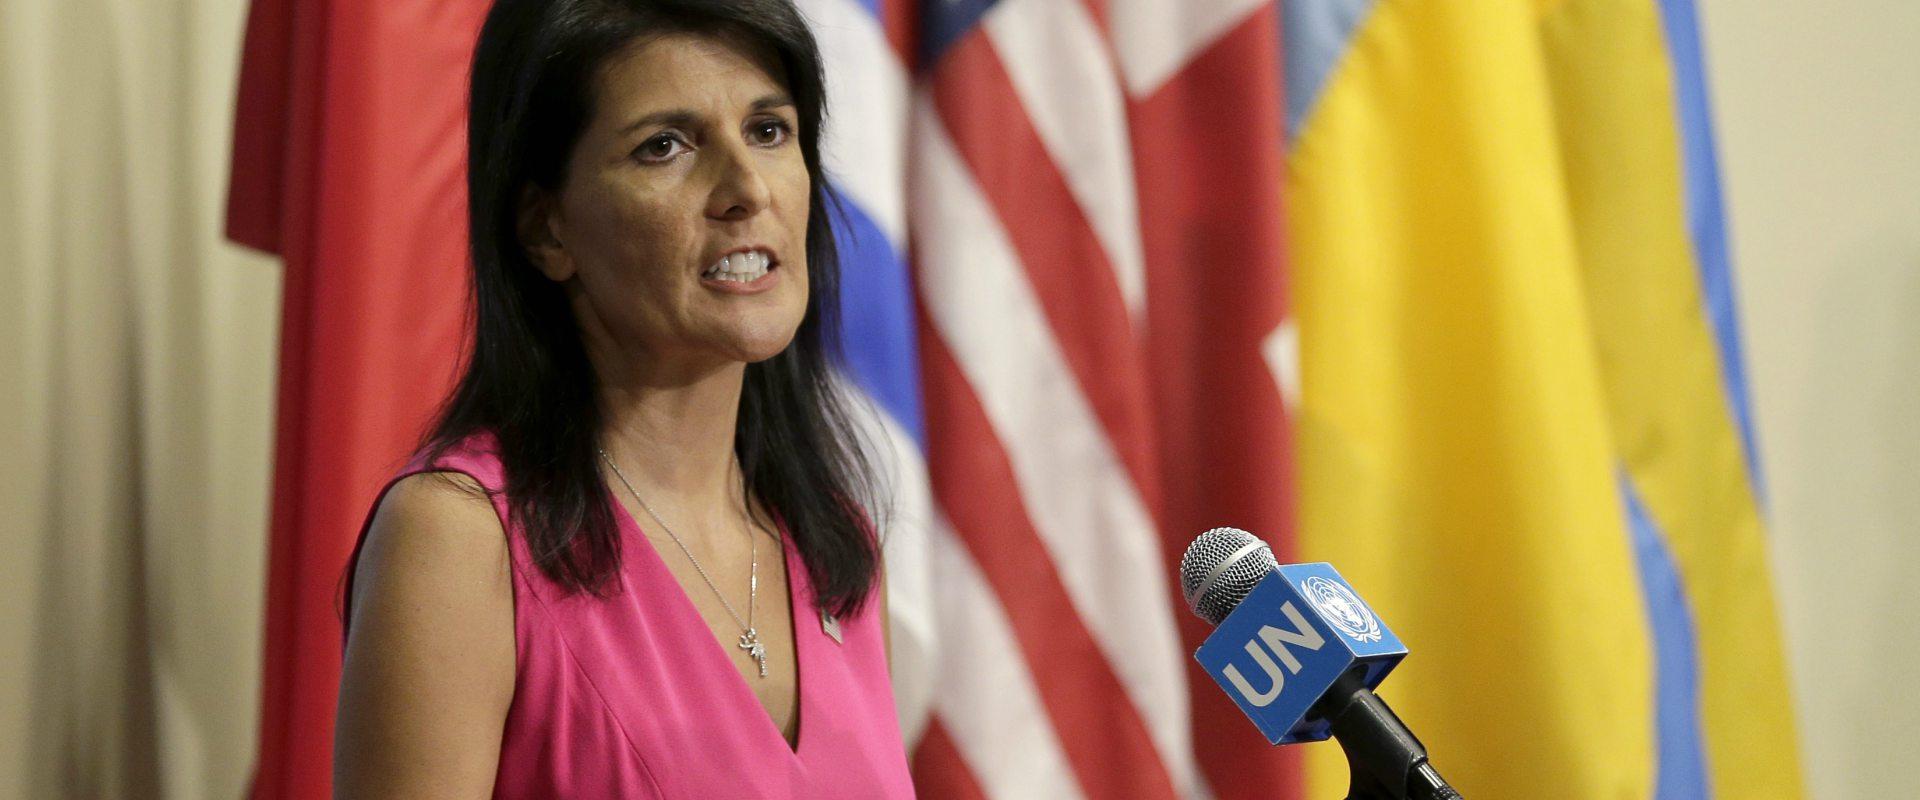 """שגרירת ארצות הברית באו""""ם, ניקי היילי"""